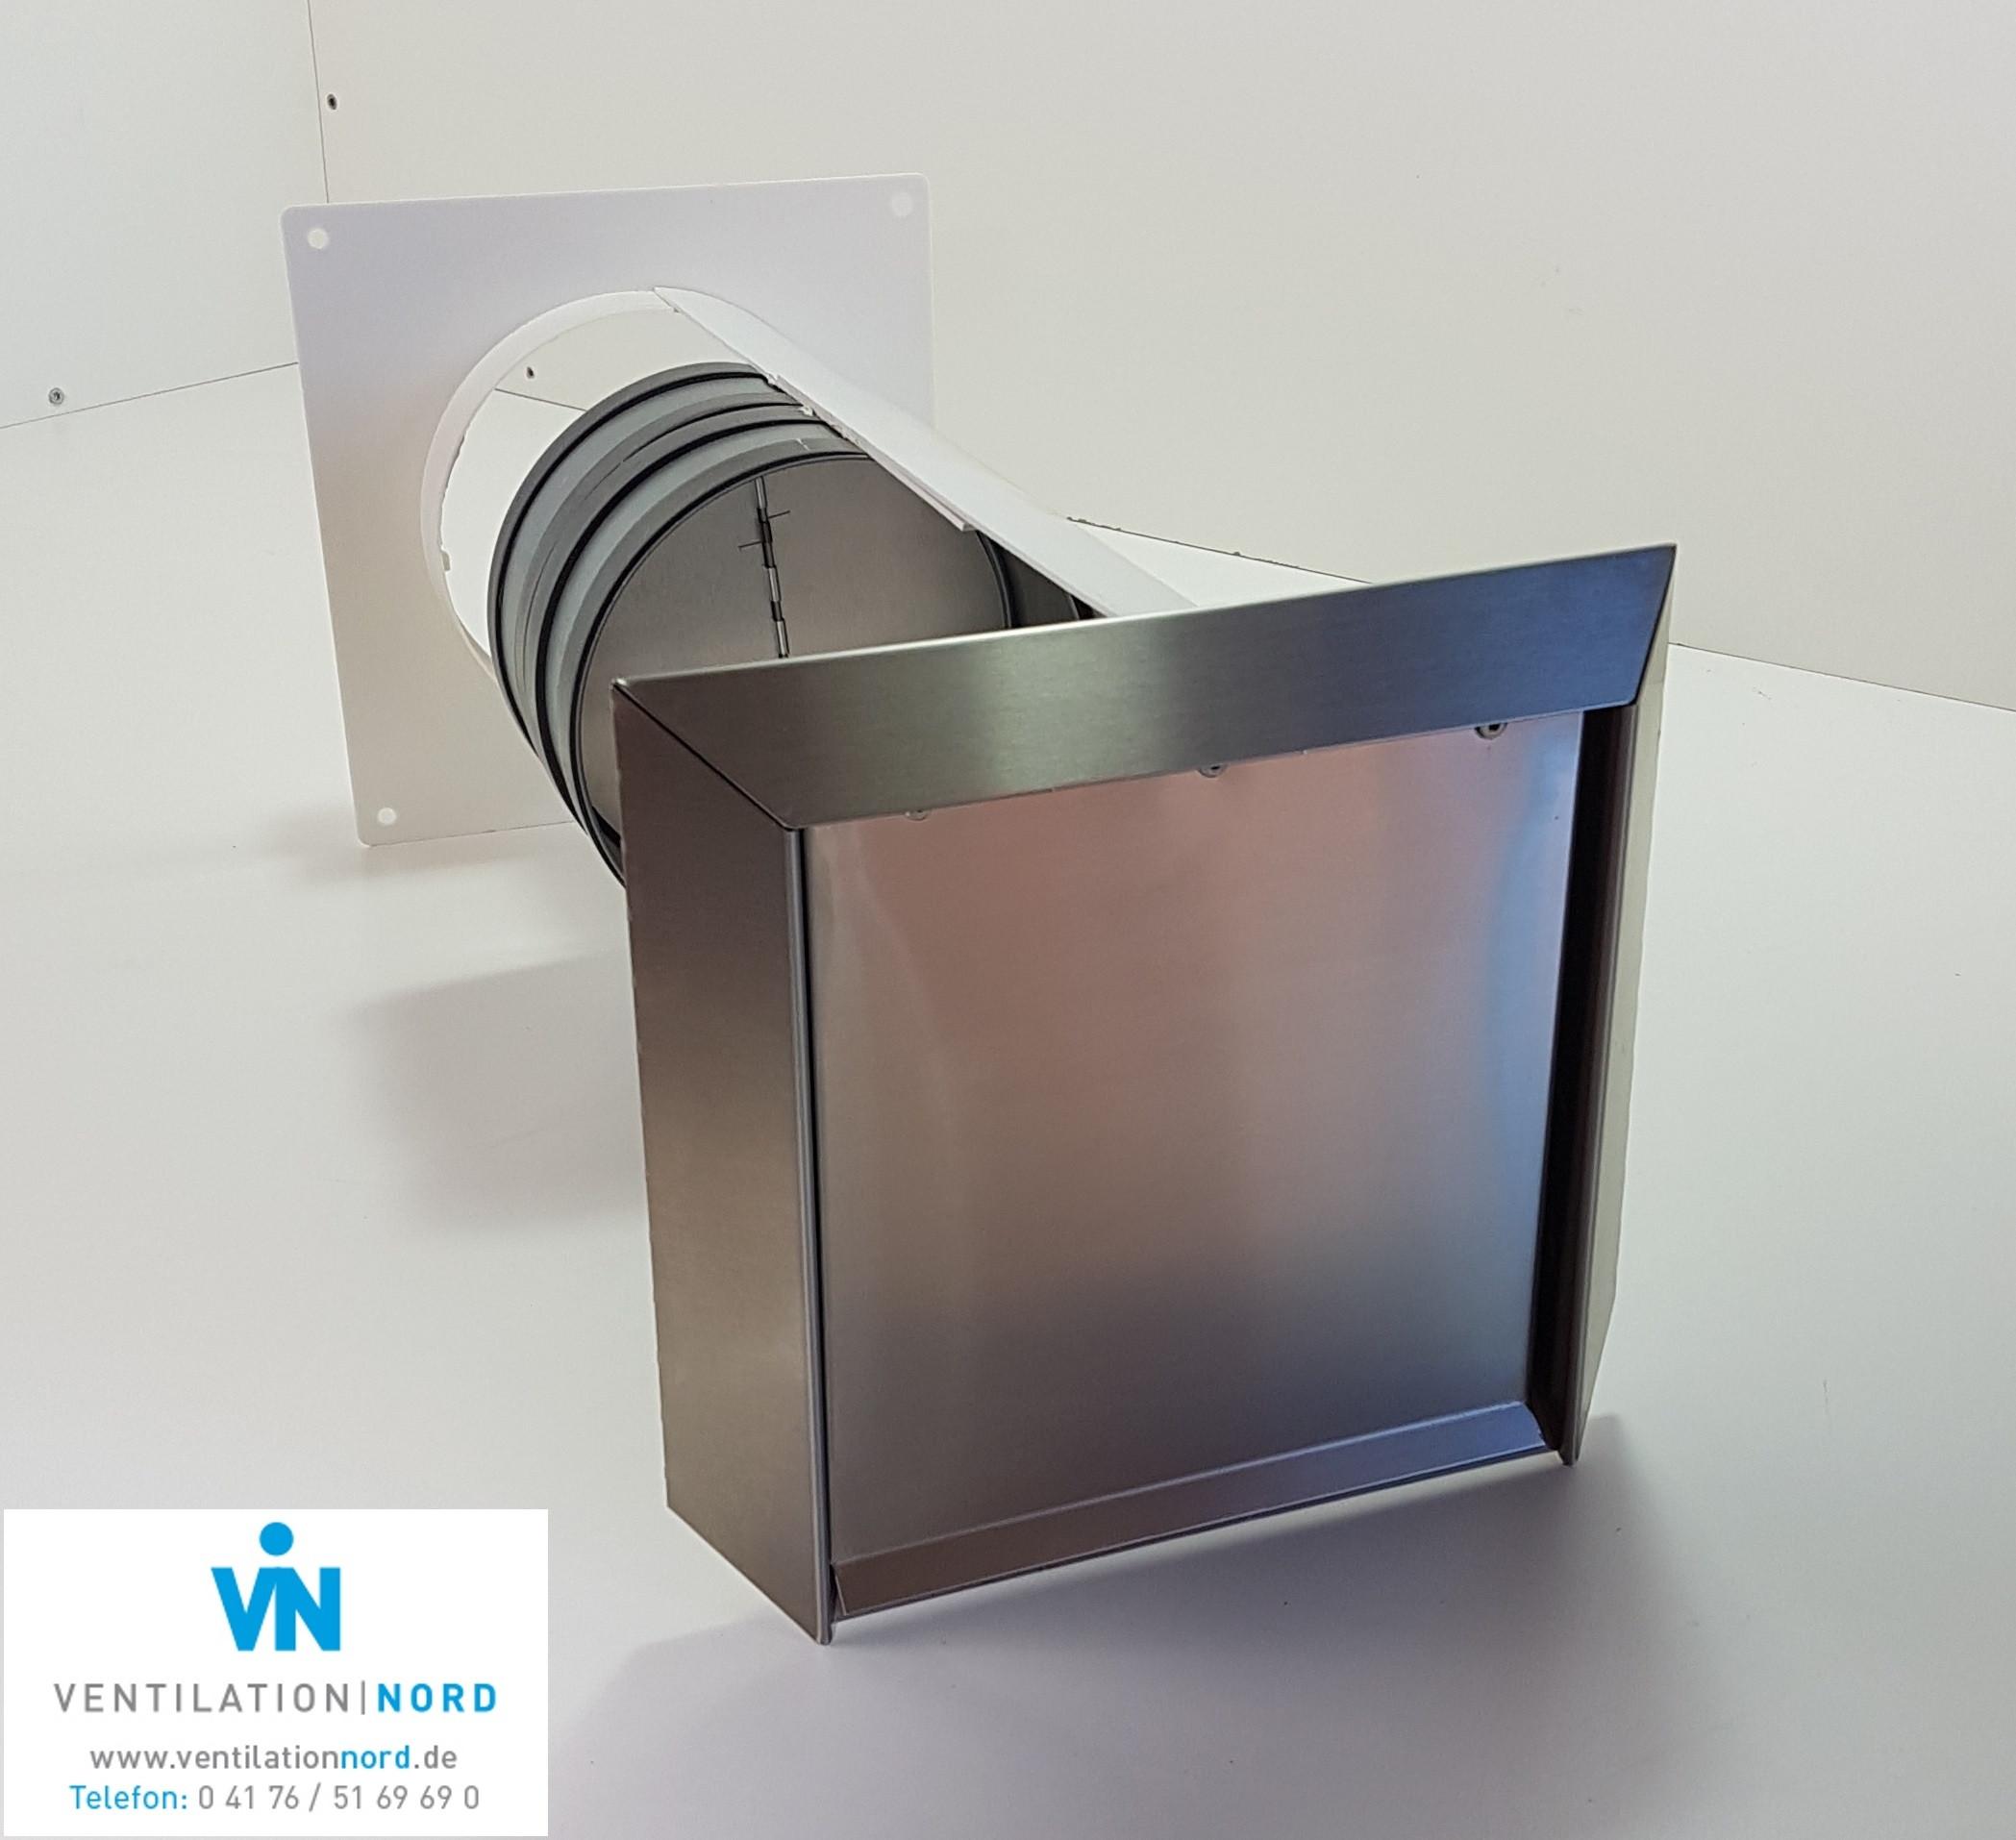 Mauerkasten Blower Door Test Zertiffikat VentilationNord 100 125 150 Dustabzug